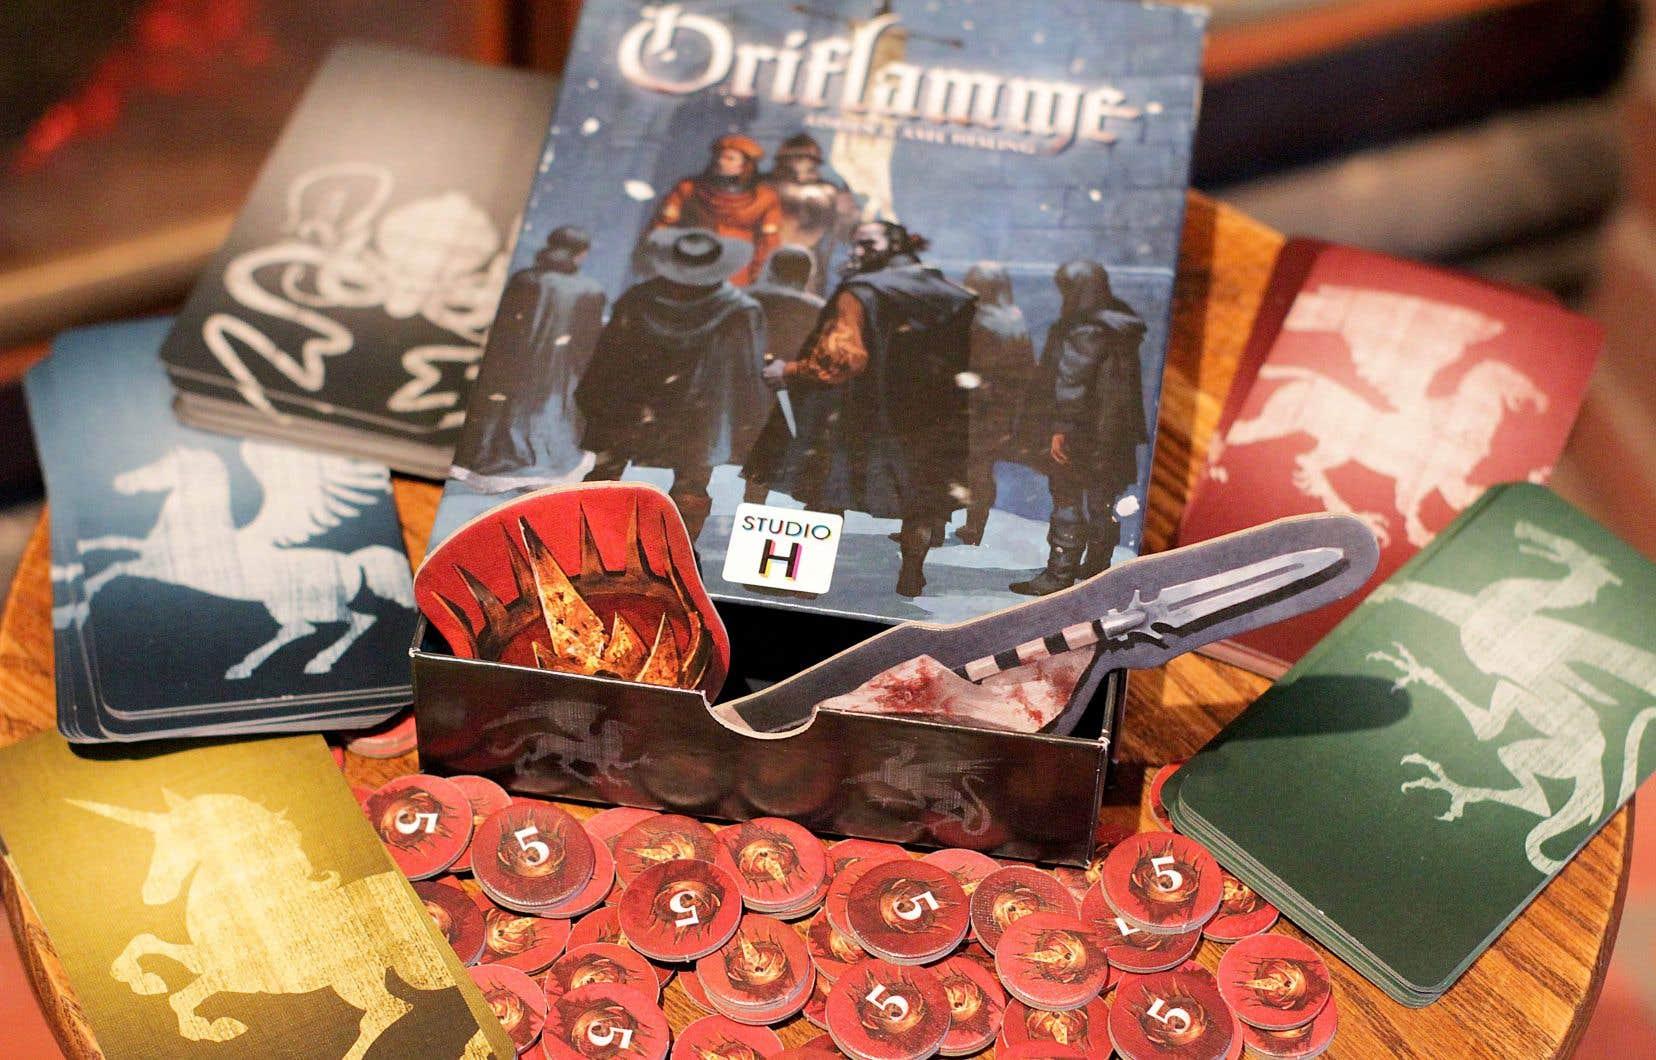 Dans le jeu Oriflamme, chaque joueur tente de s'emparer du trône en jouant le plus finement possible les sept cartes, personnages ou intrigues qui composent sa famille.